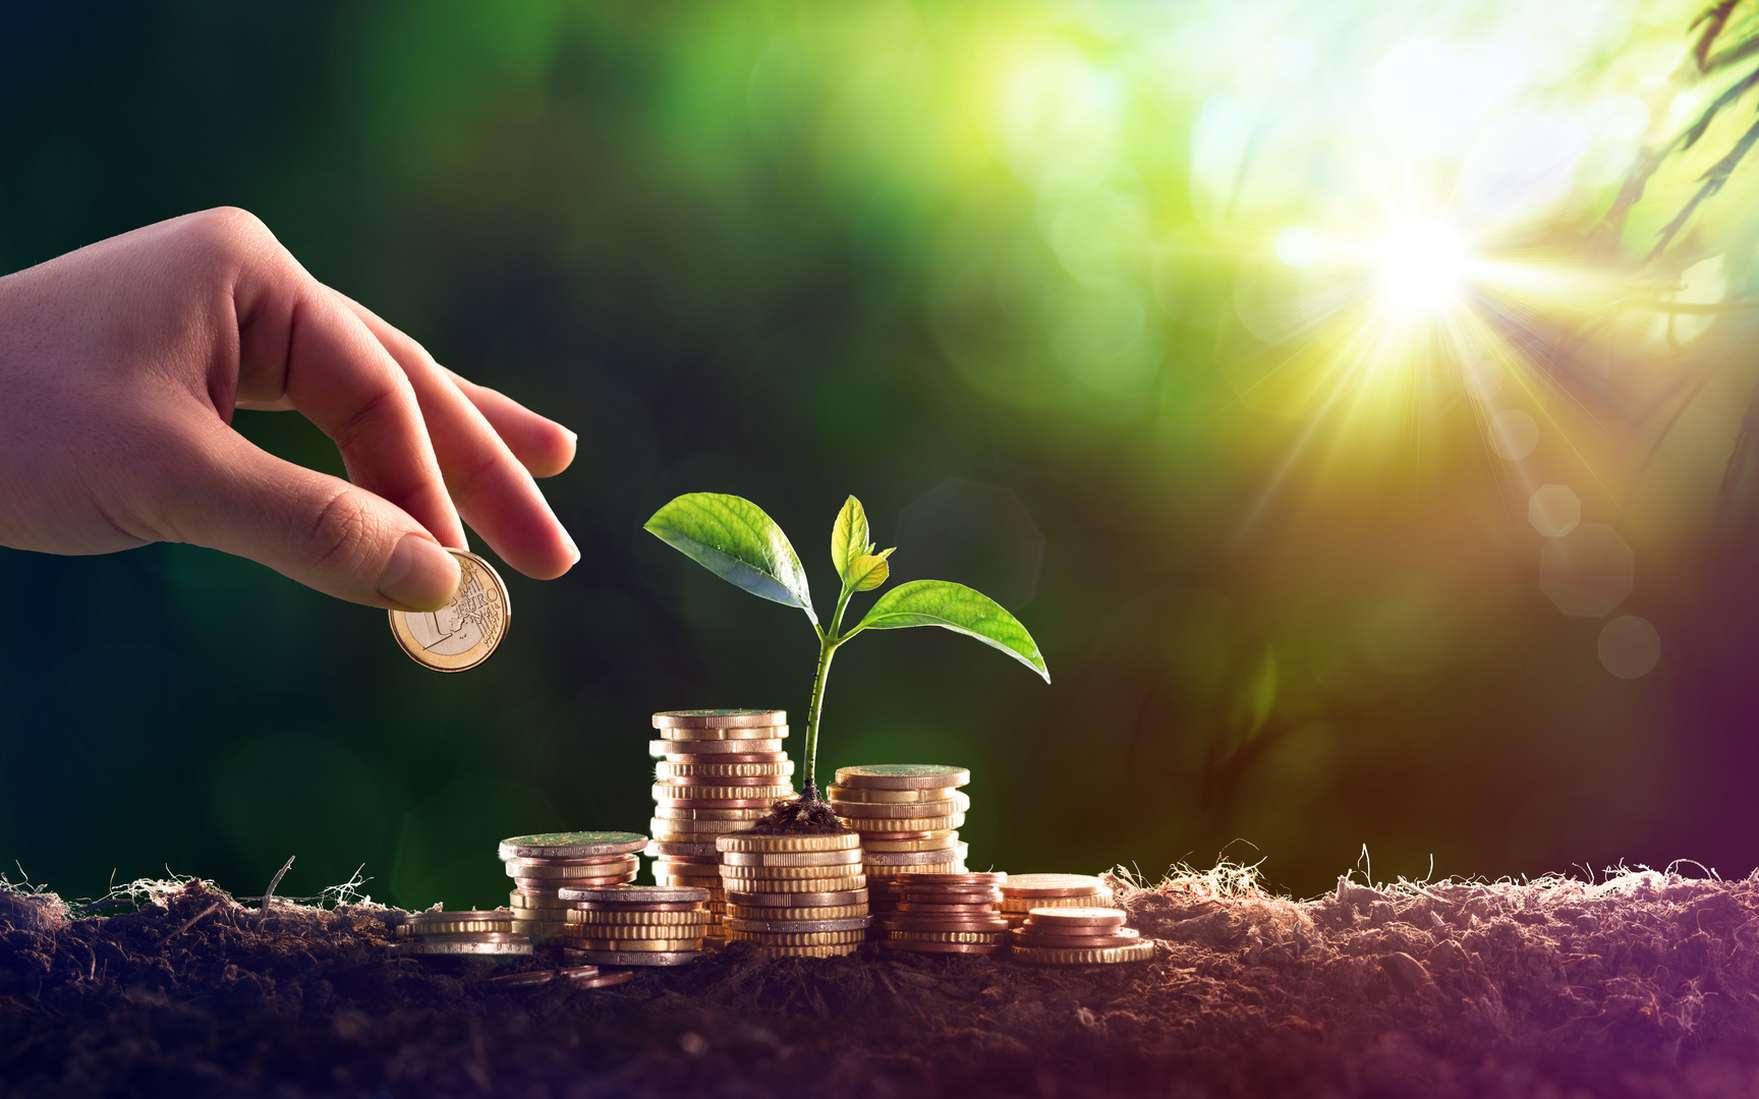 Face aux enjeux du réchauffement climatique et de la pollution, certains investisseurs font le choix de soutenir les entreprises responsables ou celles qui font les démarches pour le devenir. © Romolo Tavani, Fotolia